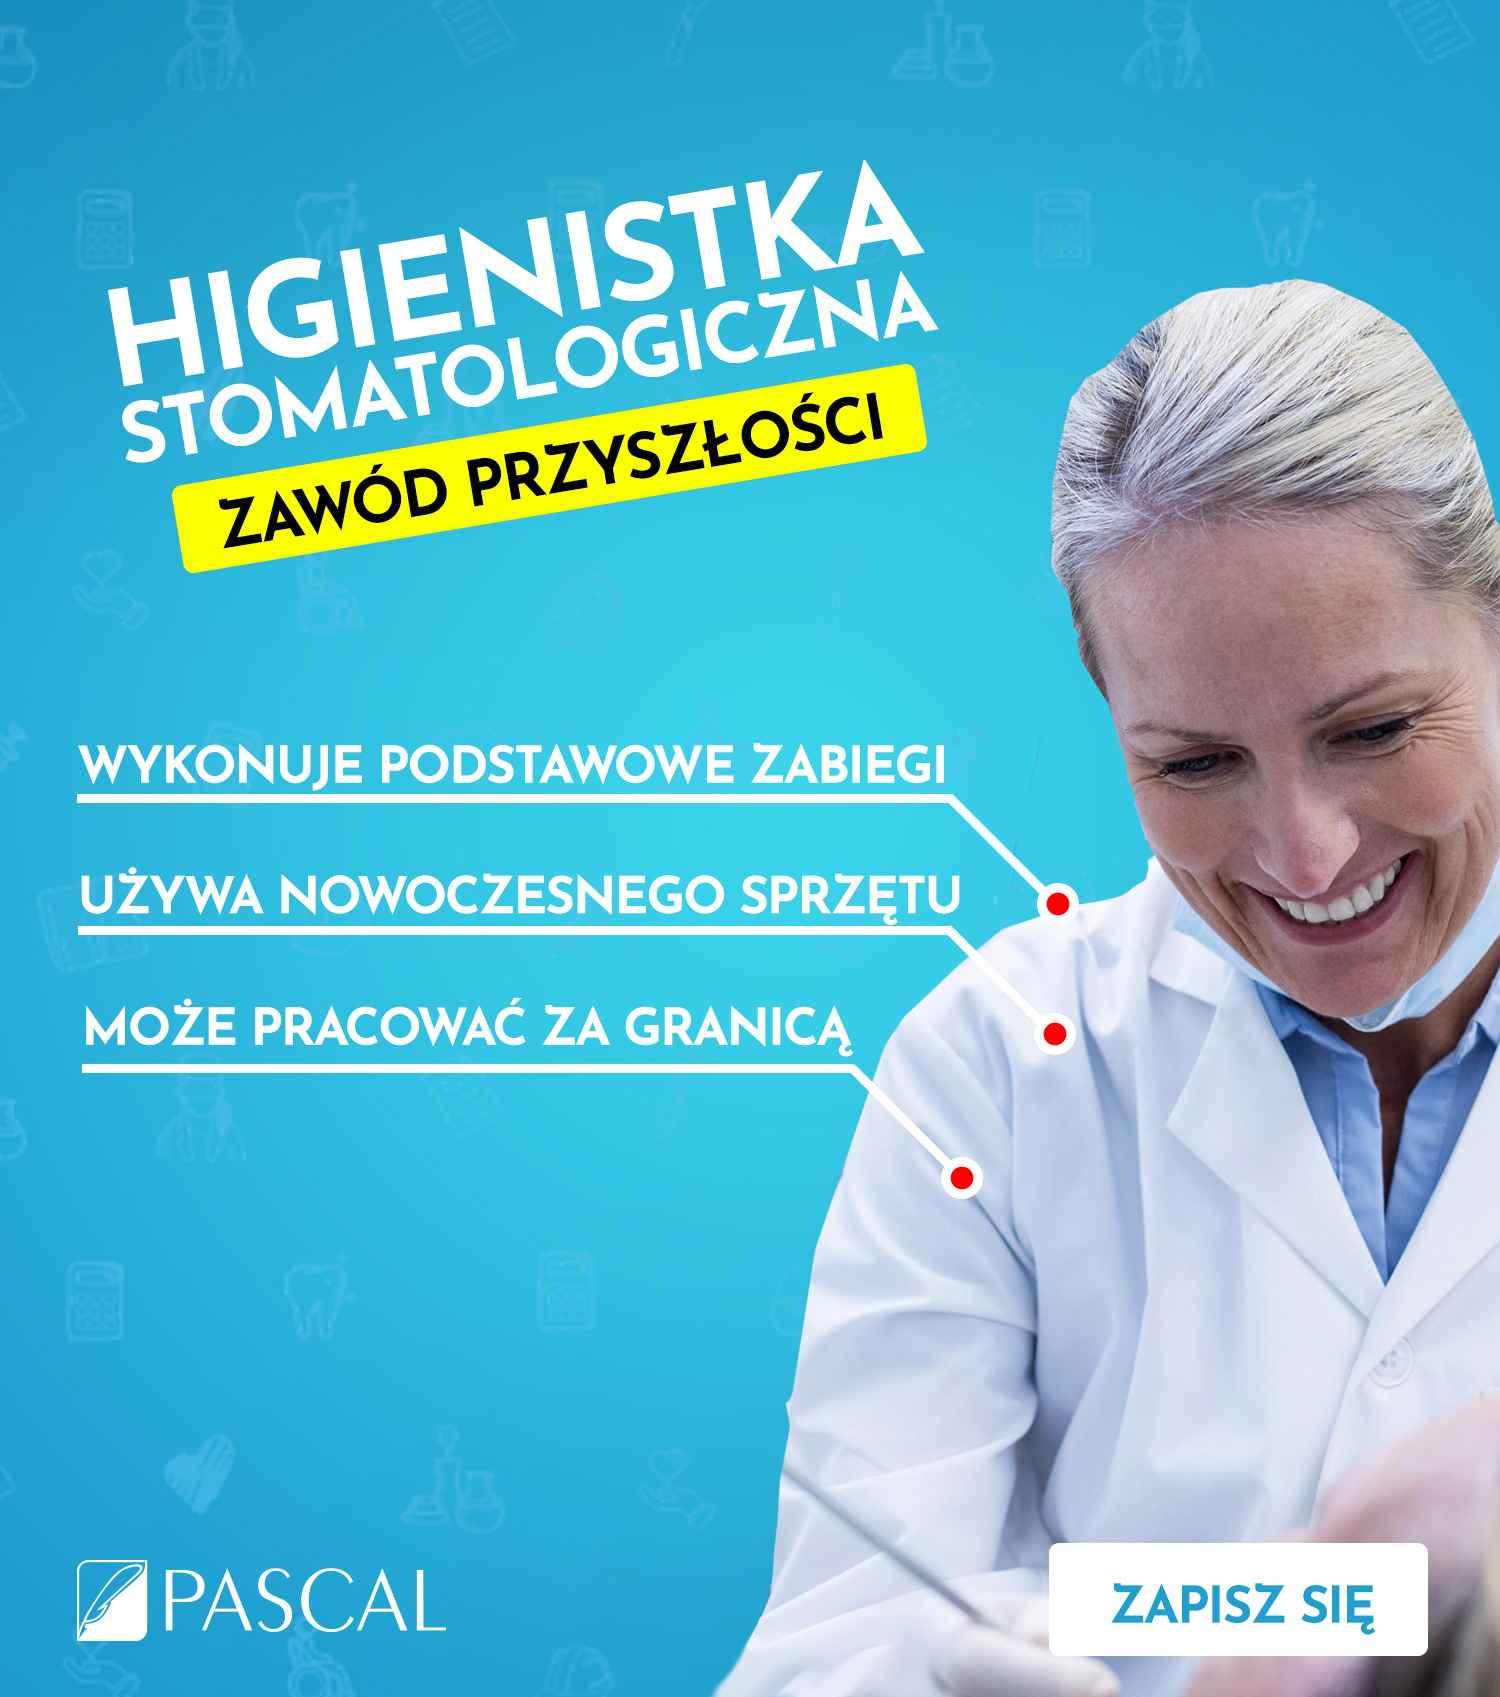 Kwalifikacje w zawodach medycznych za 0 zł ! Płock - zdjęcie 2